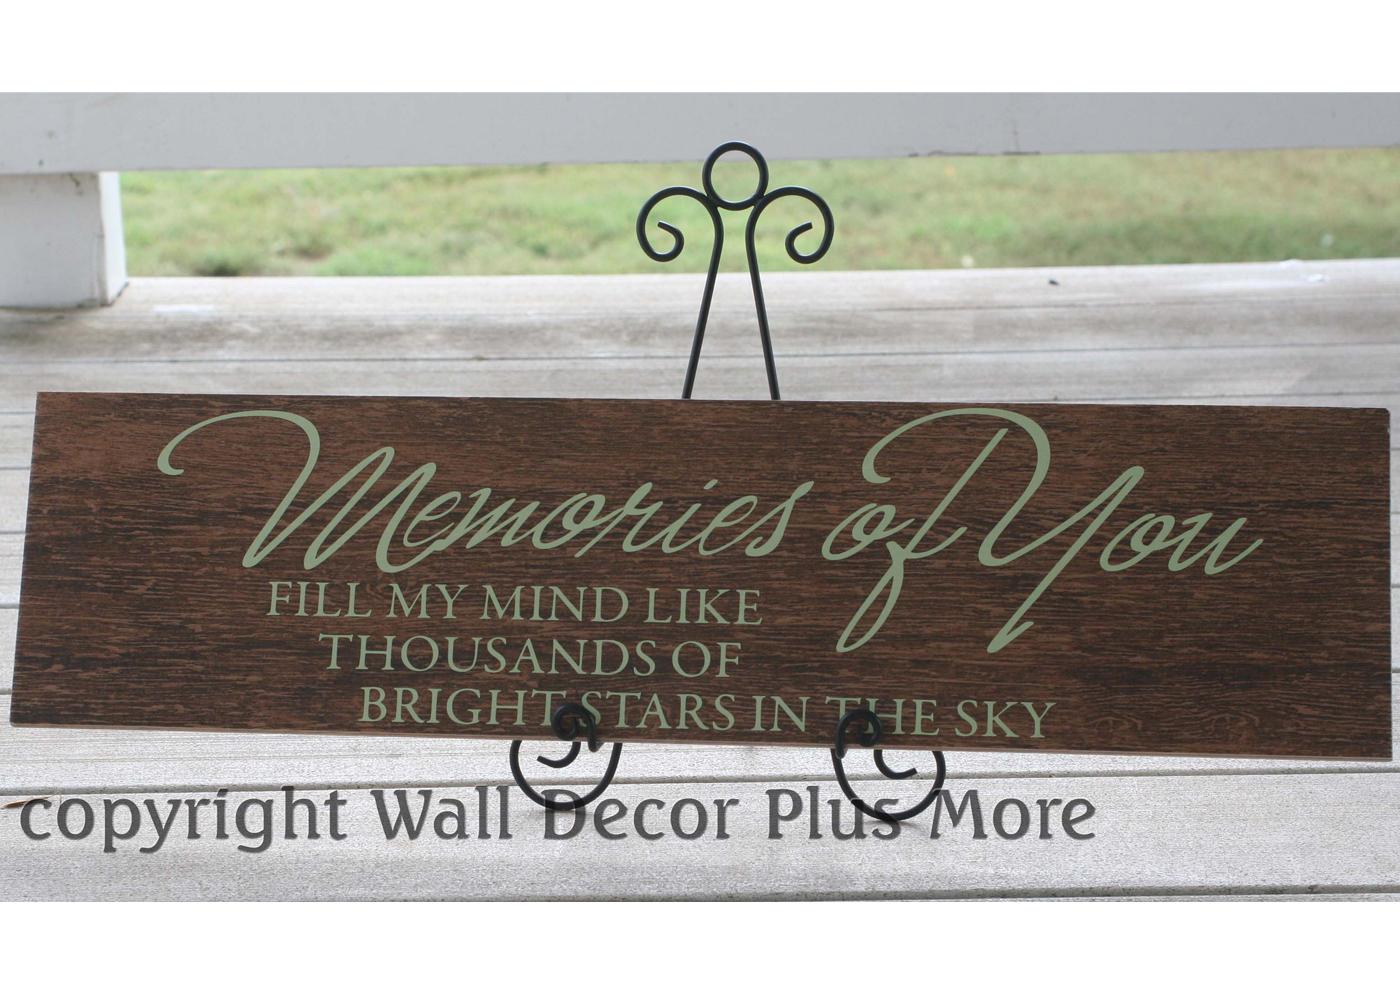 memories-of-you-sympathy-vinyl-decal-on-tile-board.jpg